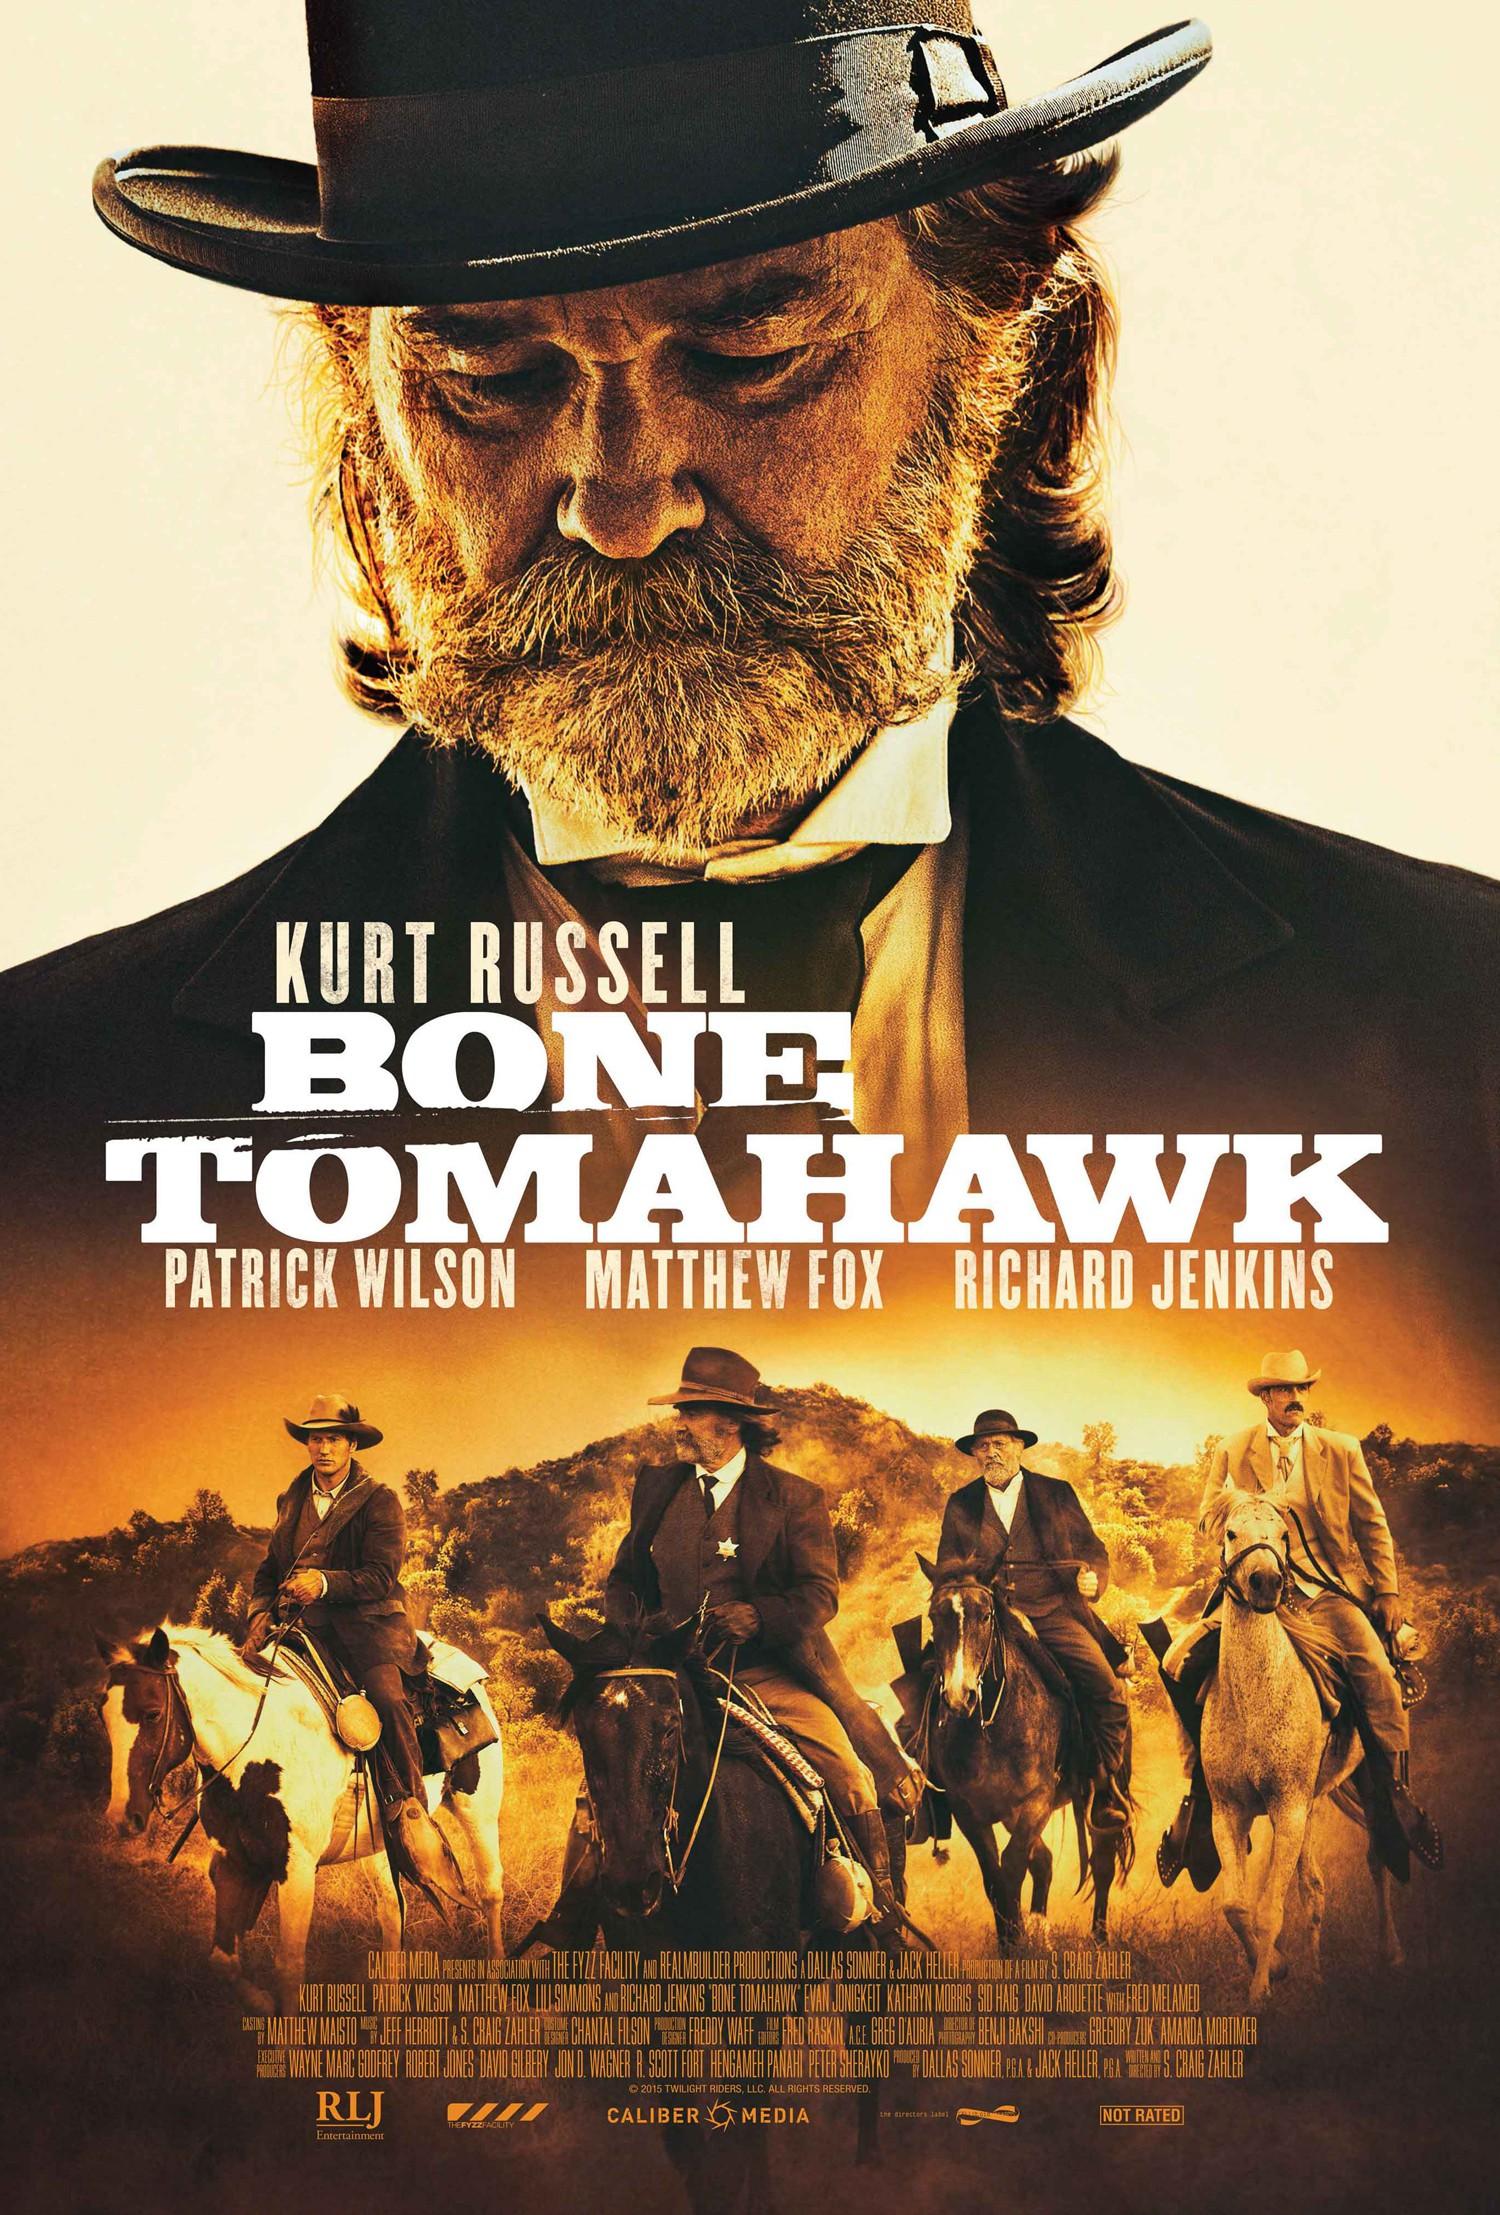 Bone-Tomahawk-poster.jpg